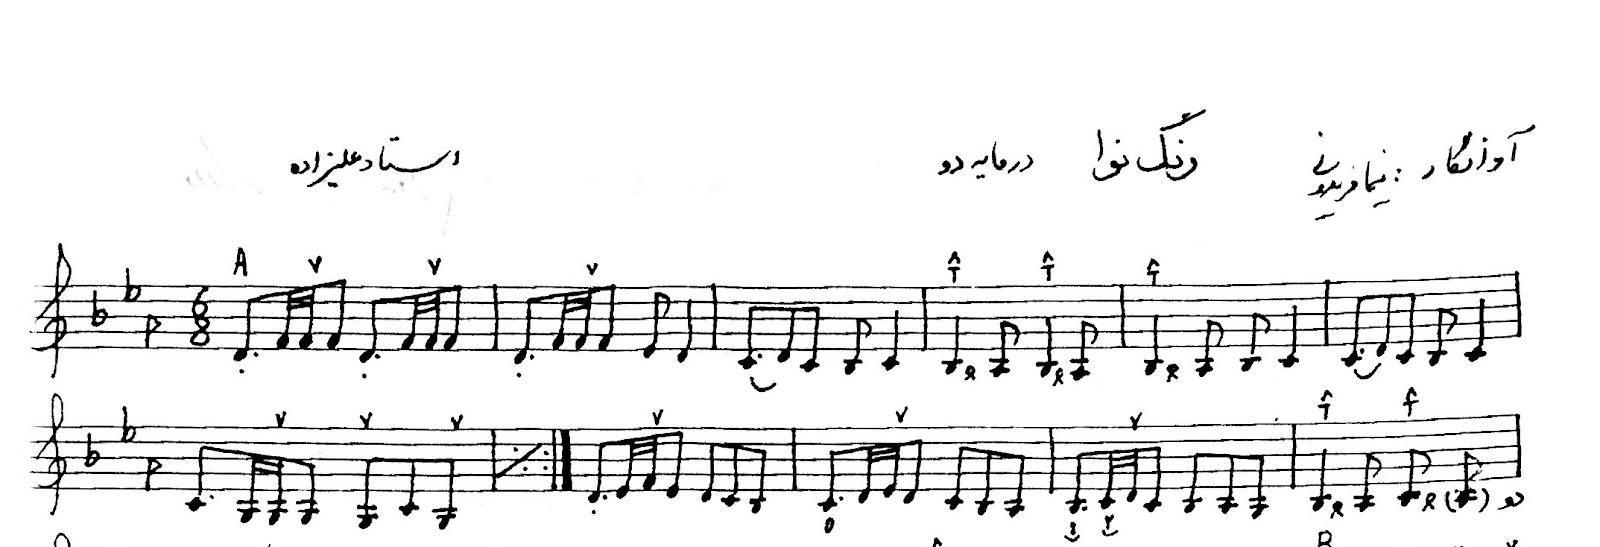 نت رنگ نوا دو و فا (کنسرت نوا) حسین علیزاده آوانگار نیما فریدونی نسخهی دستنویس